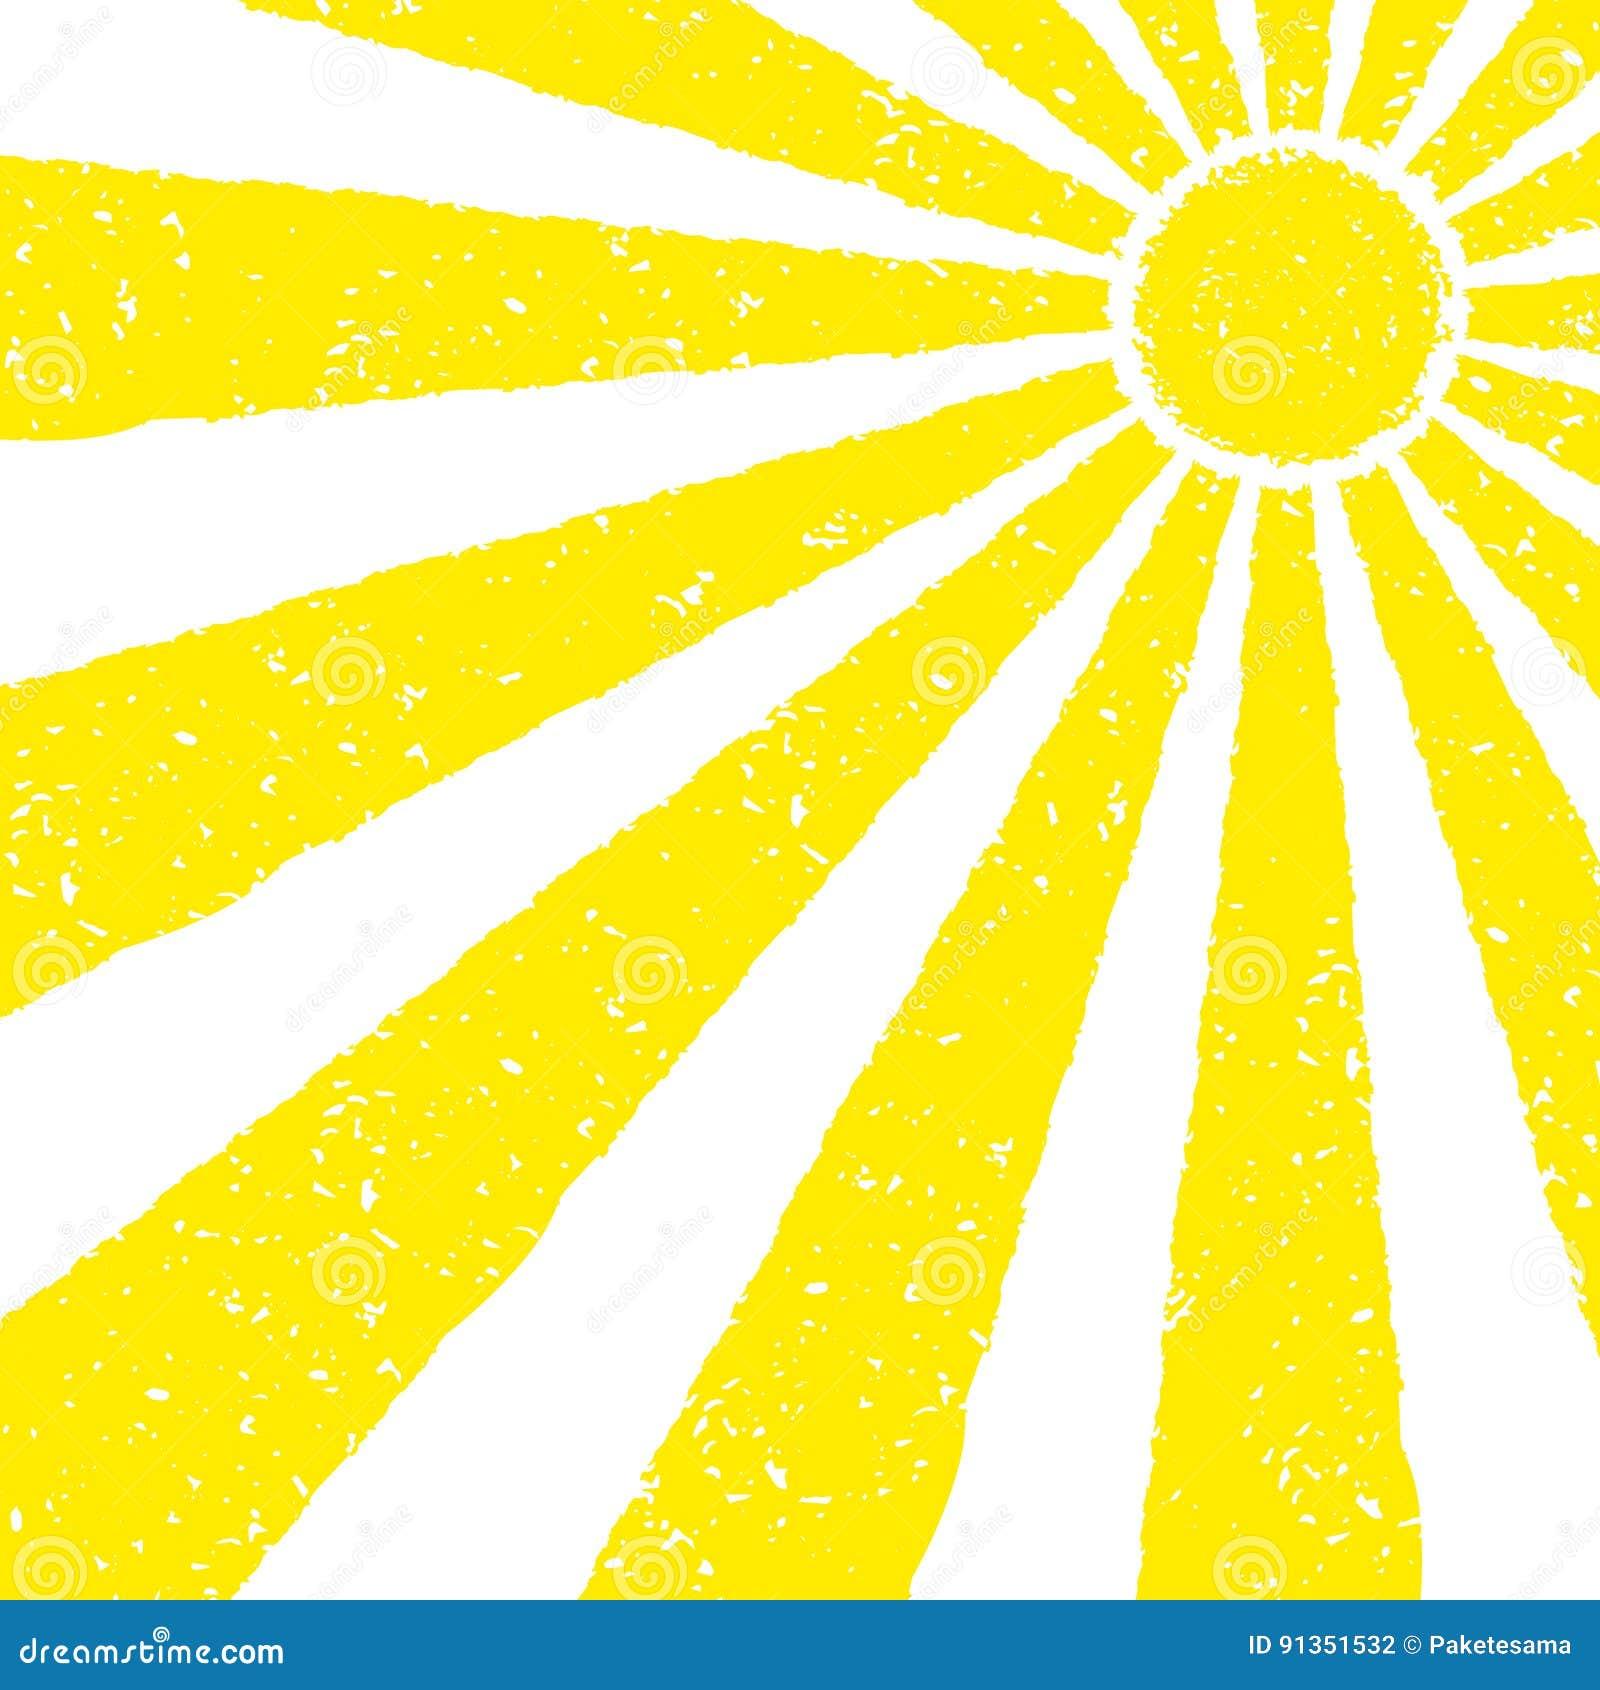 yellow sun background stock vector illustration of season 91351532